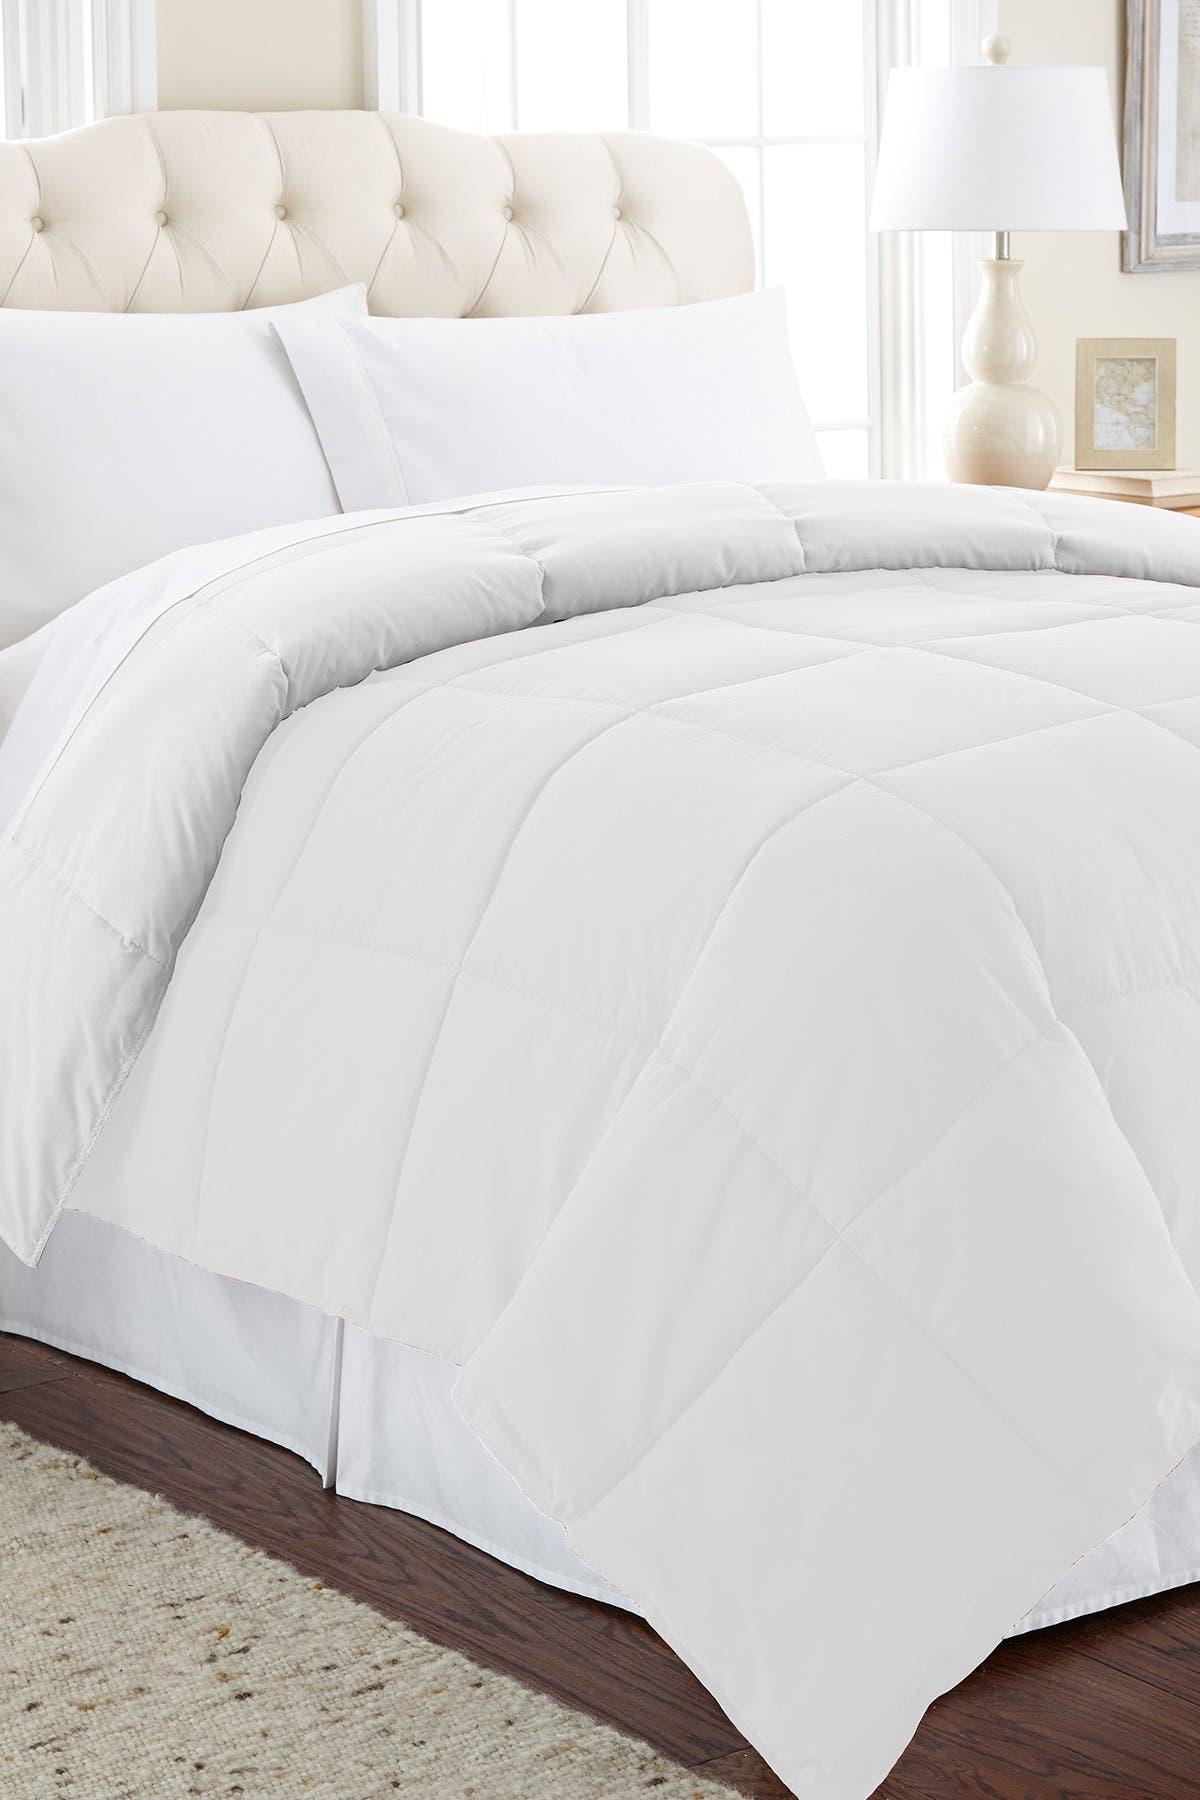 Image of Modern Threads King Down Alternative Reversible Comforter - White